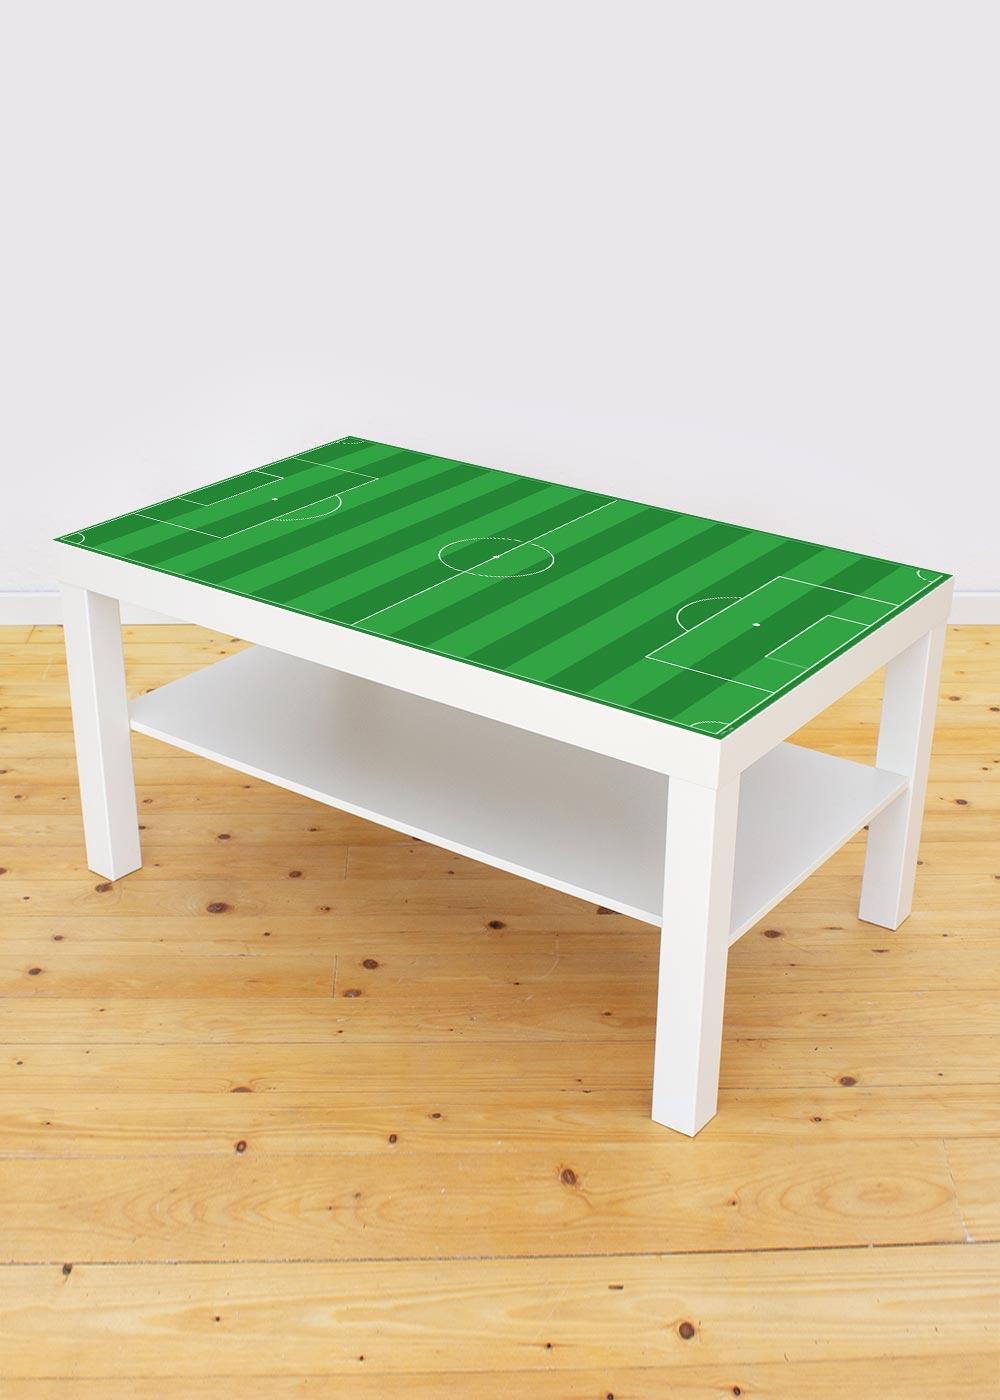 Ikea Lack Couchtisch Fußball grün 78x118 Gesamtansicht